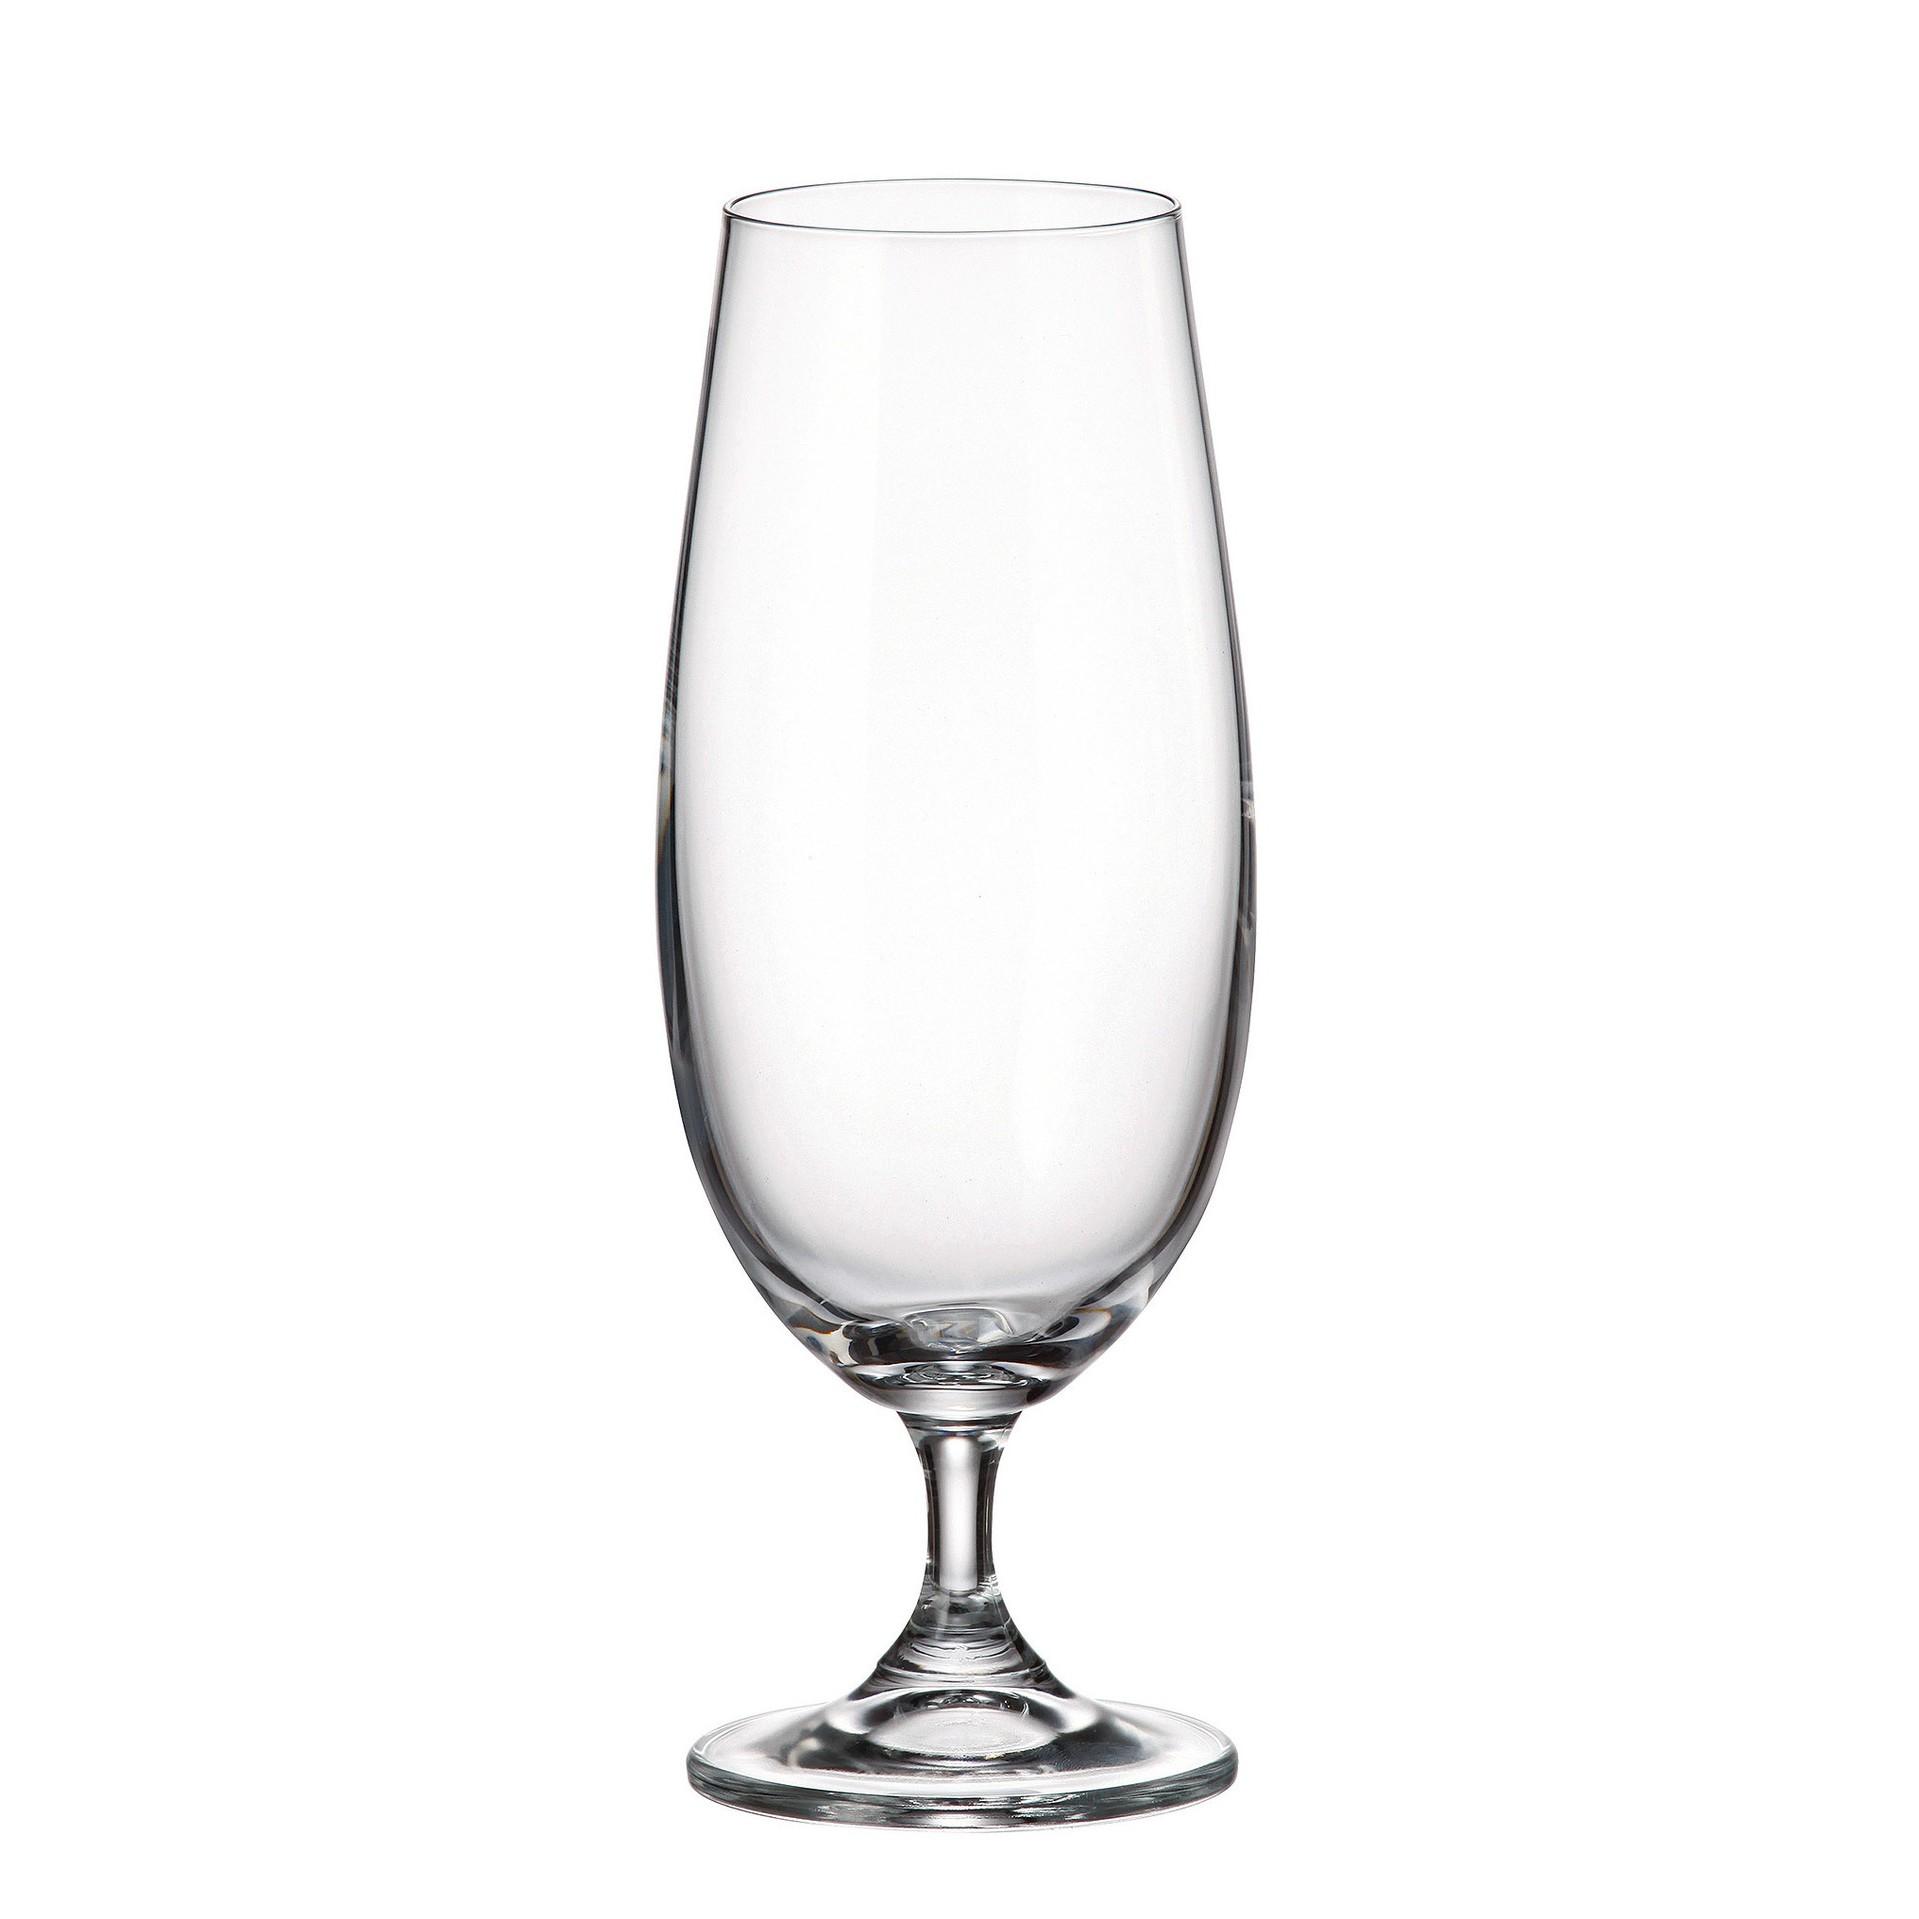 Taca de Cerveja Cristal 380ml - Coliseu